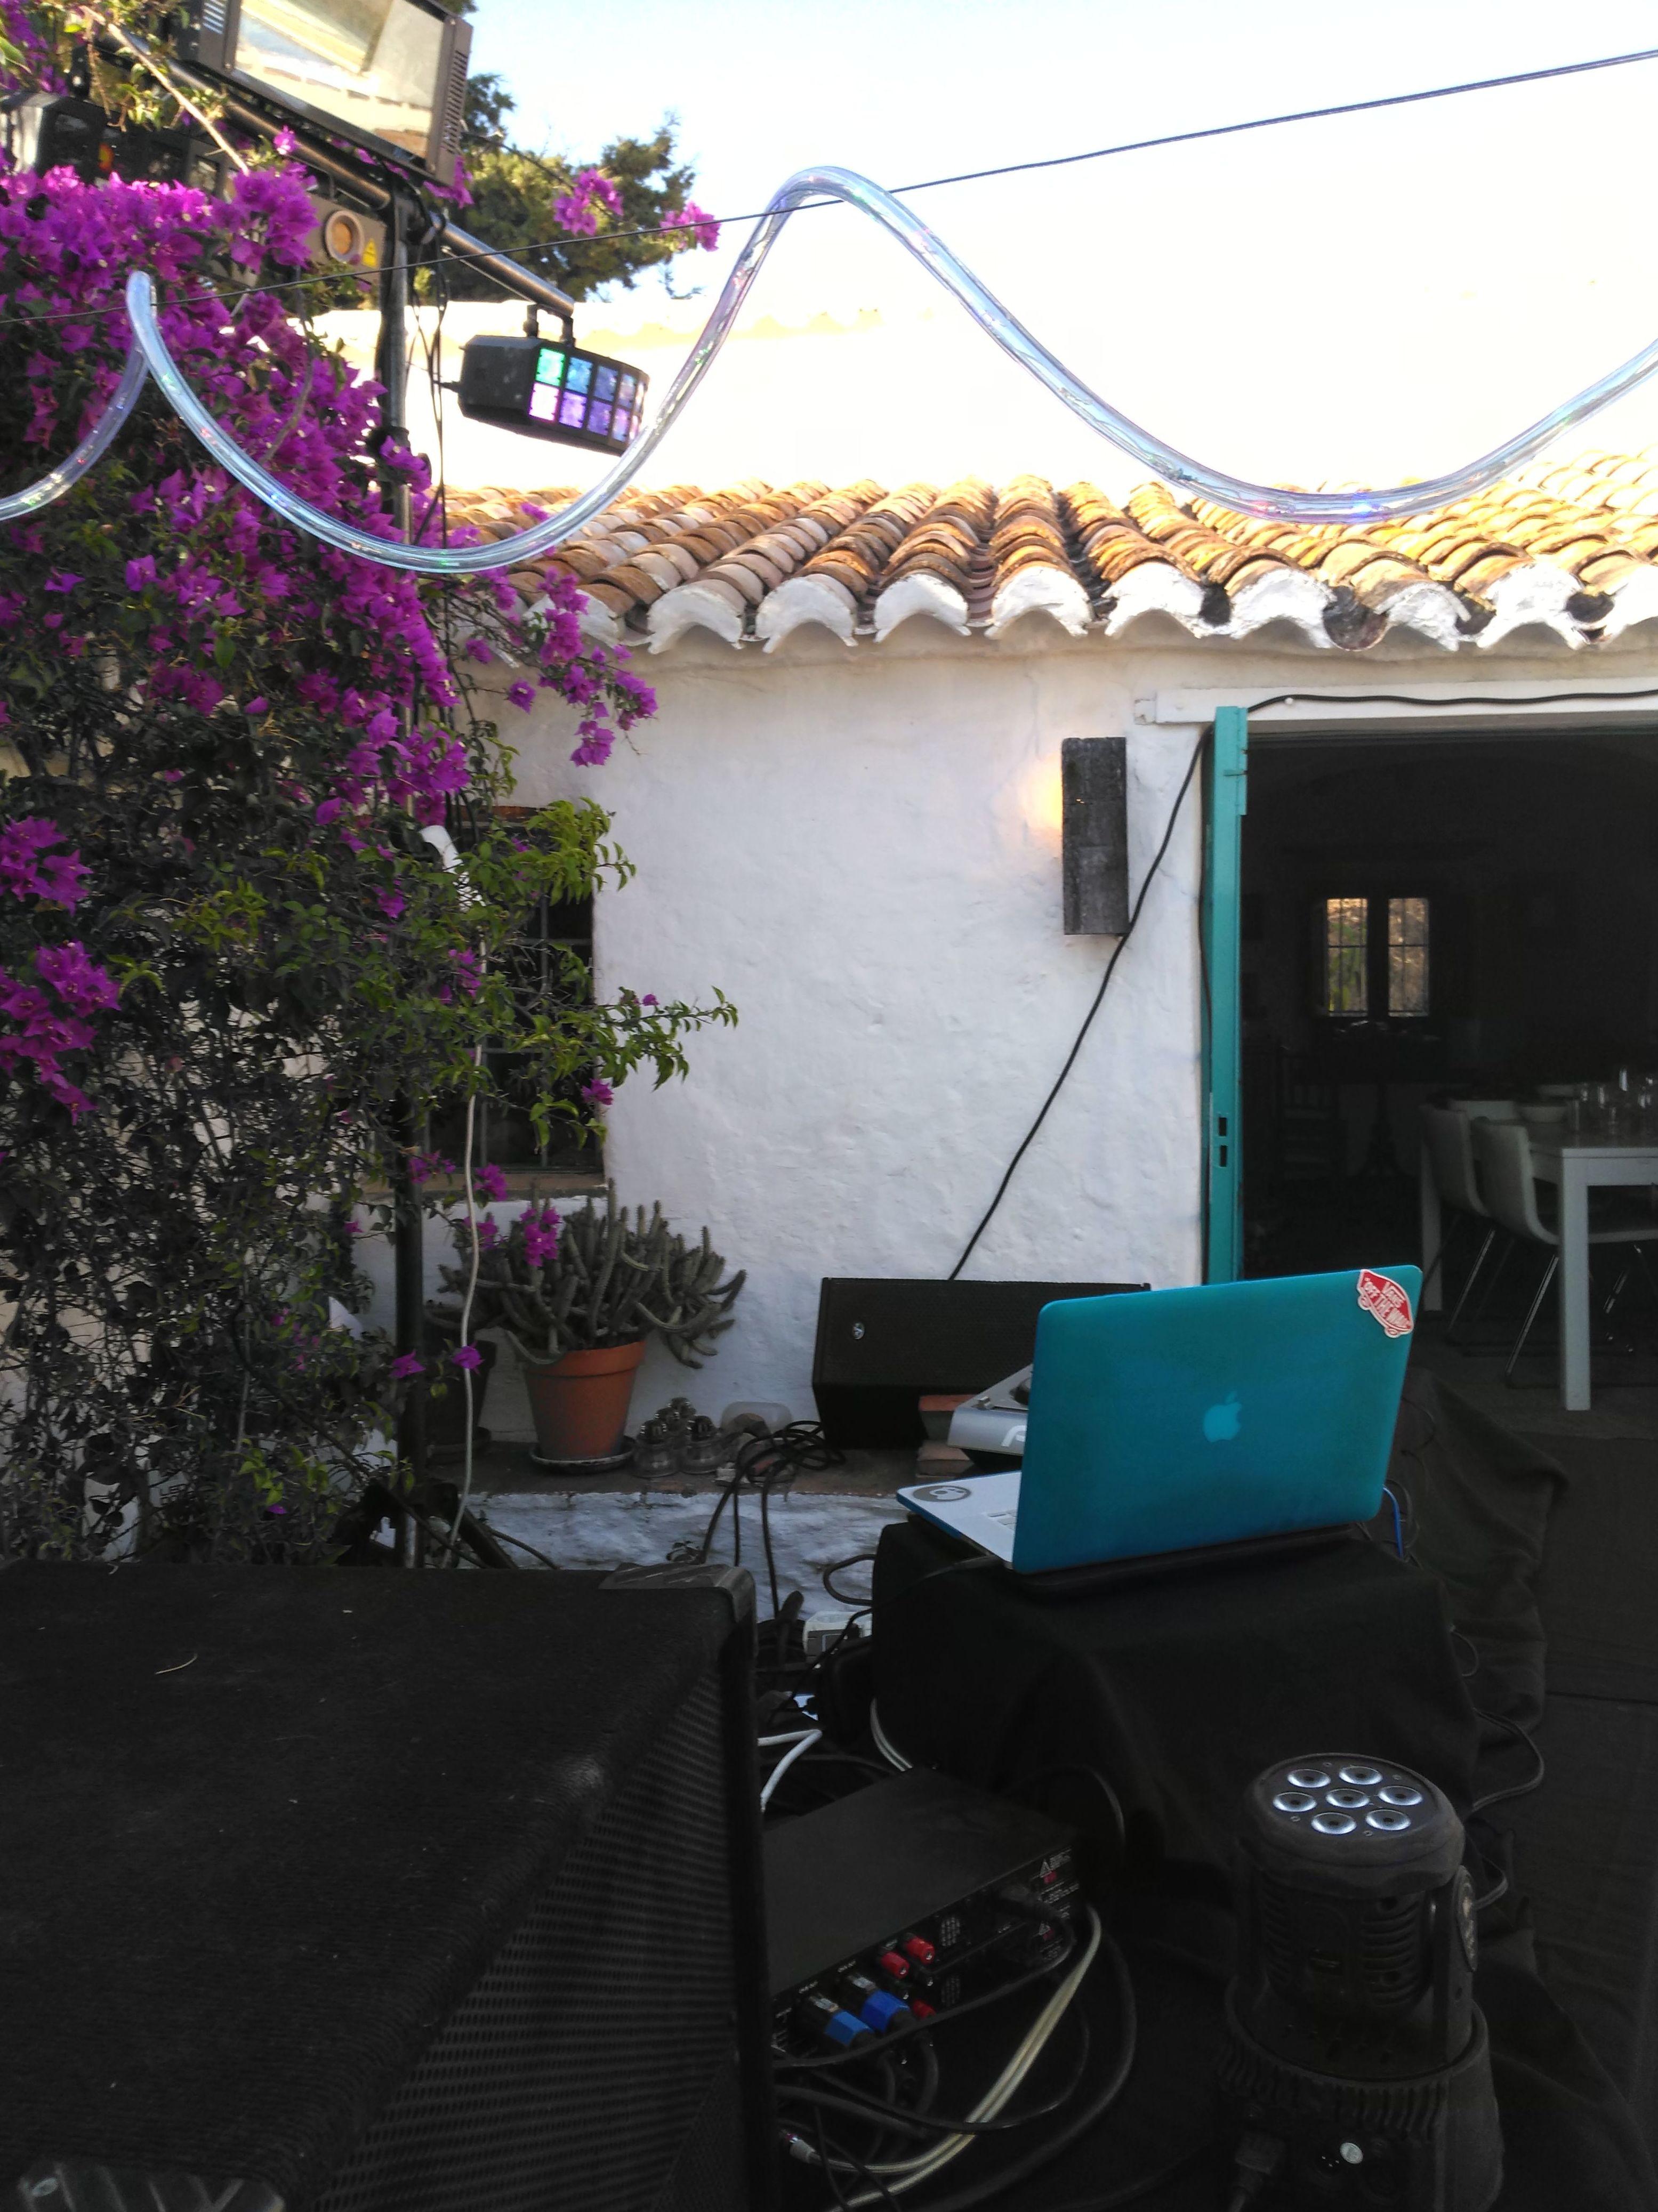 Foto 25 de Alquiler de sonido profesional e iluminación para todo tipo de eventos en Málaga | JCL Alquiler de sonido